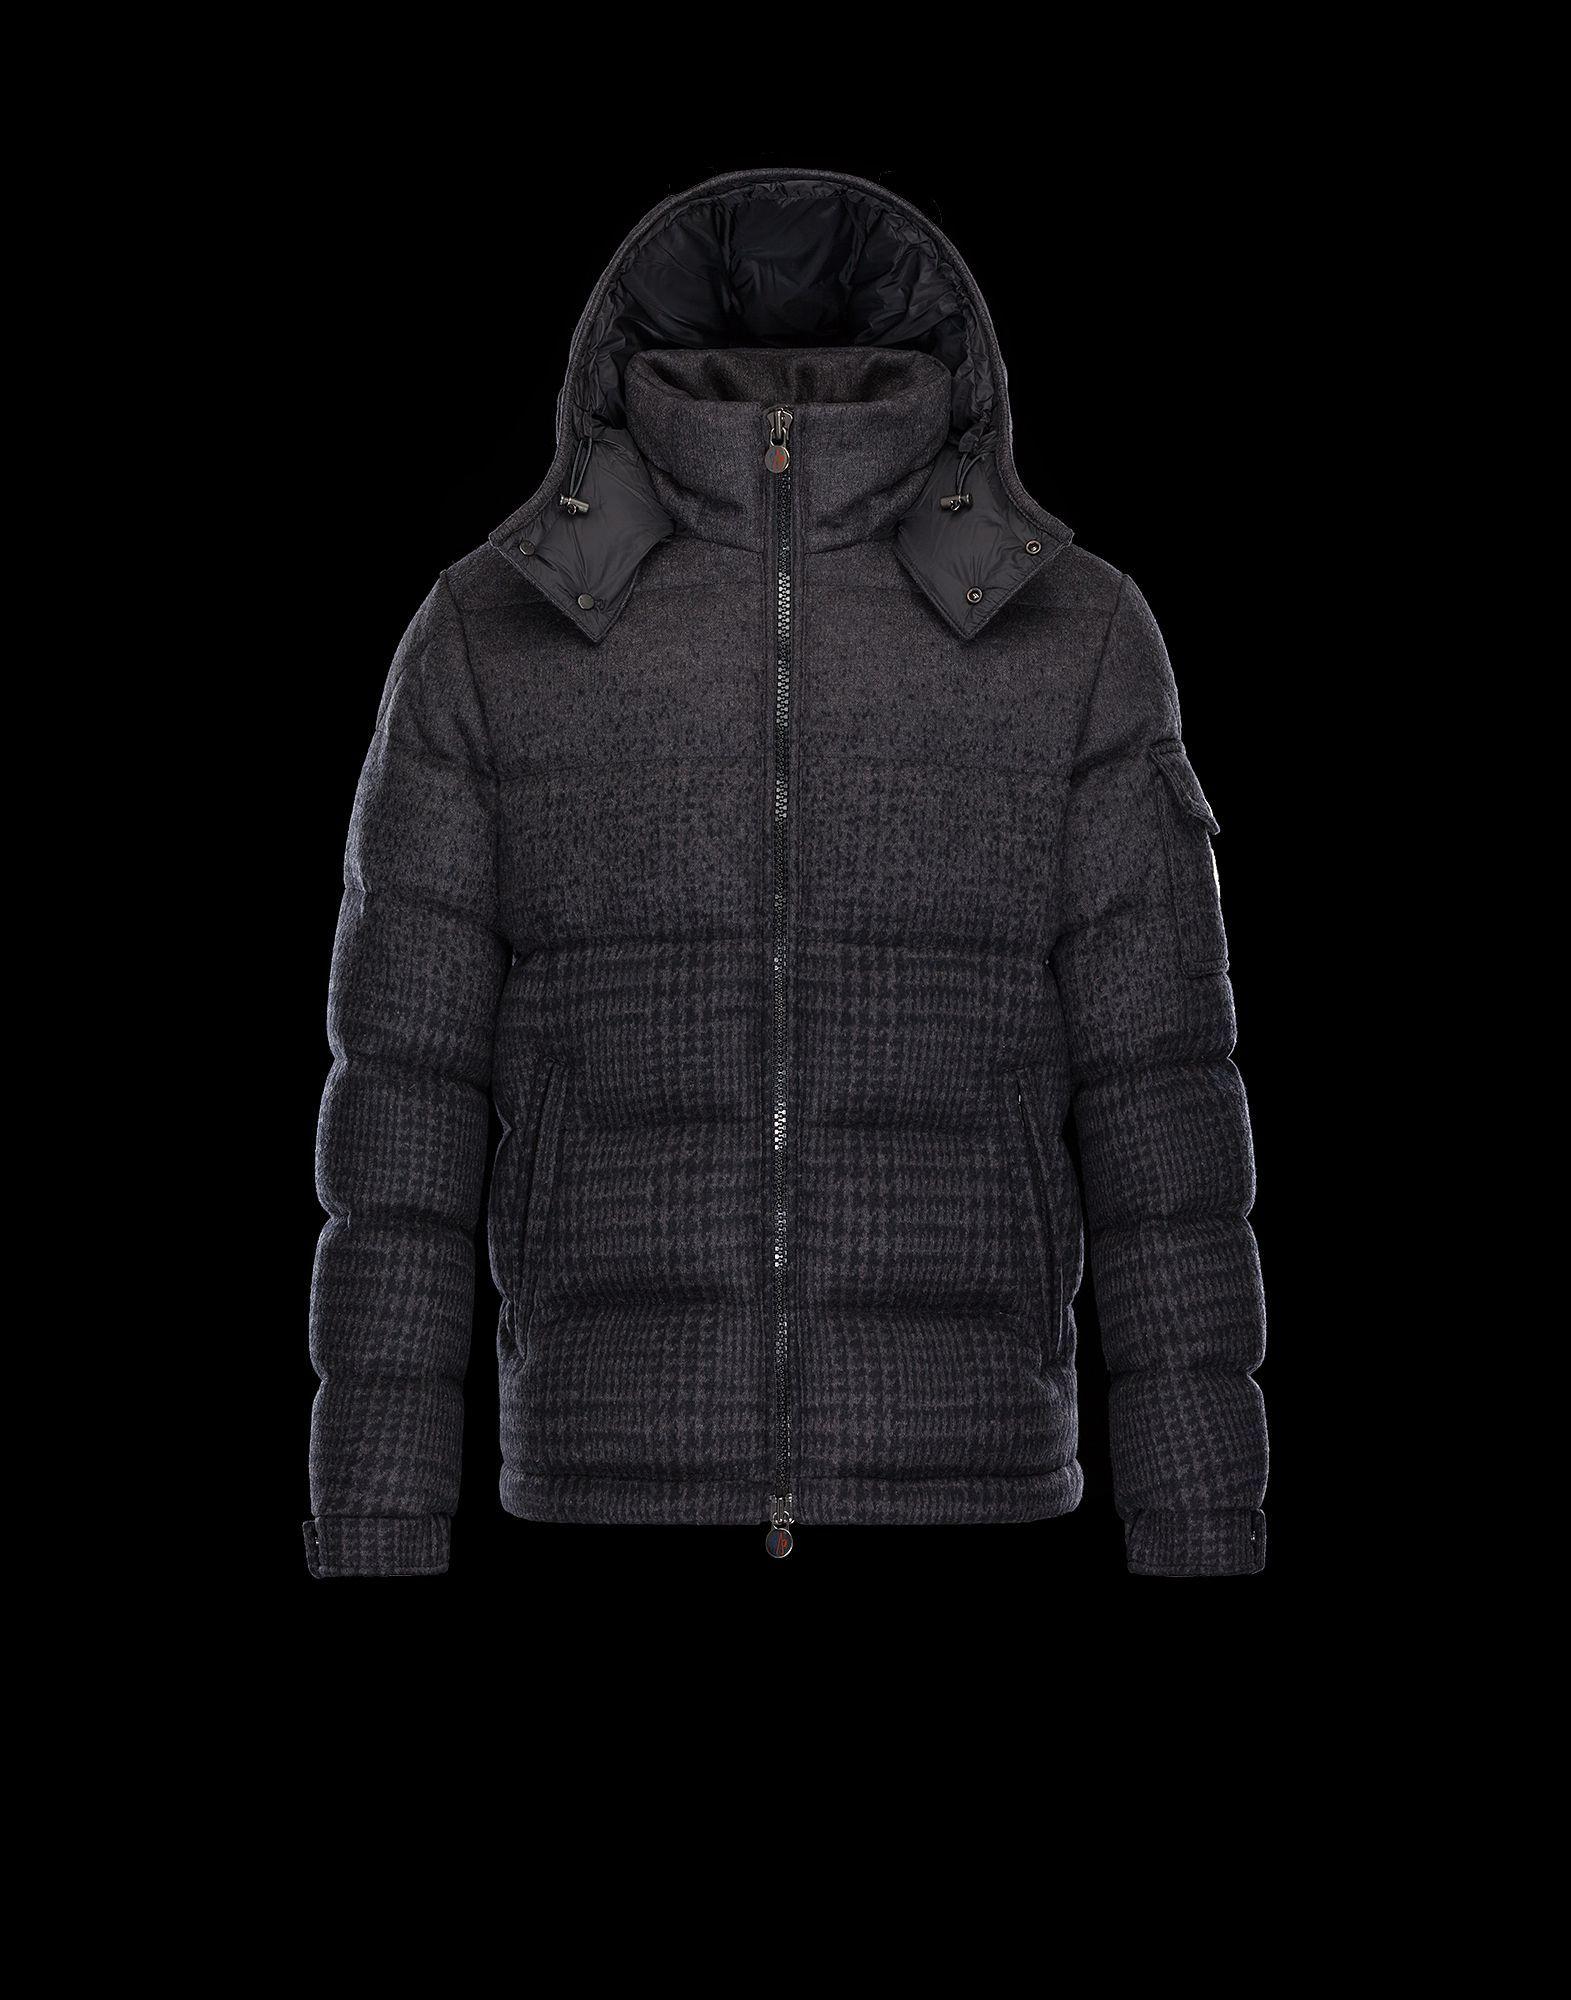 7b663192d593 Shop MONTGENEVRE in Men - Moncler Online Store   jackets   coats ...